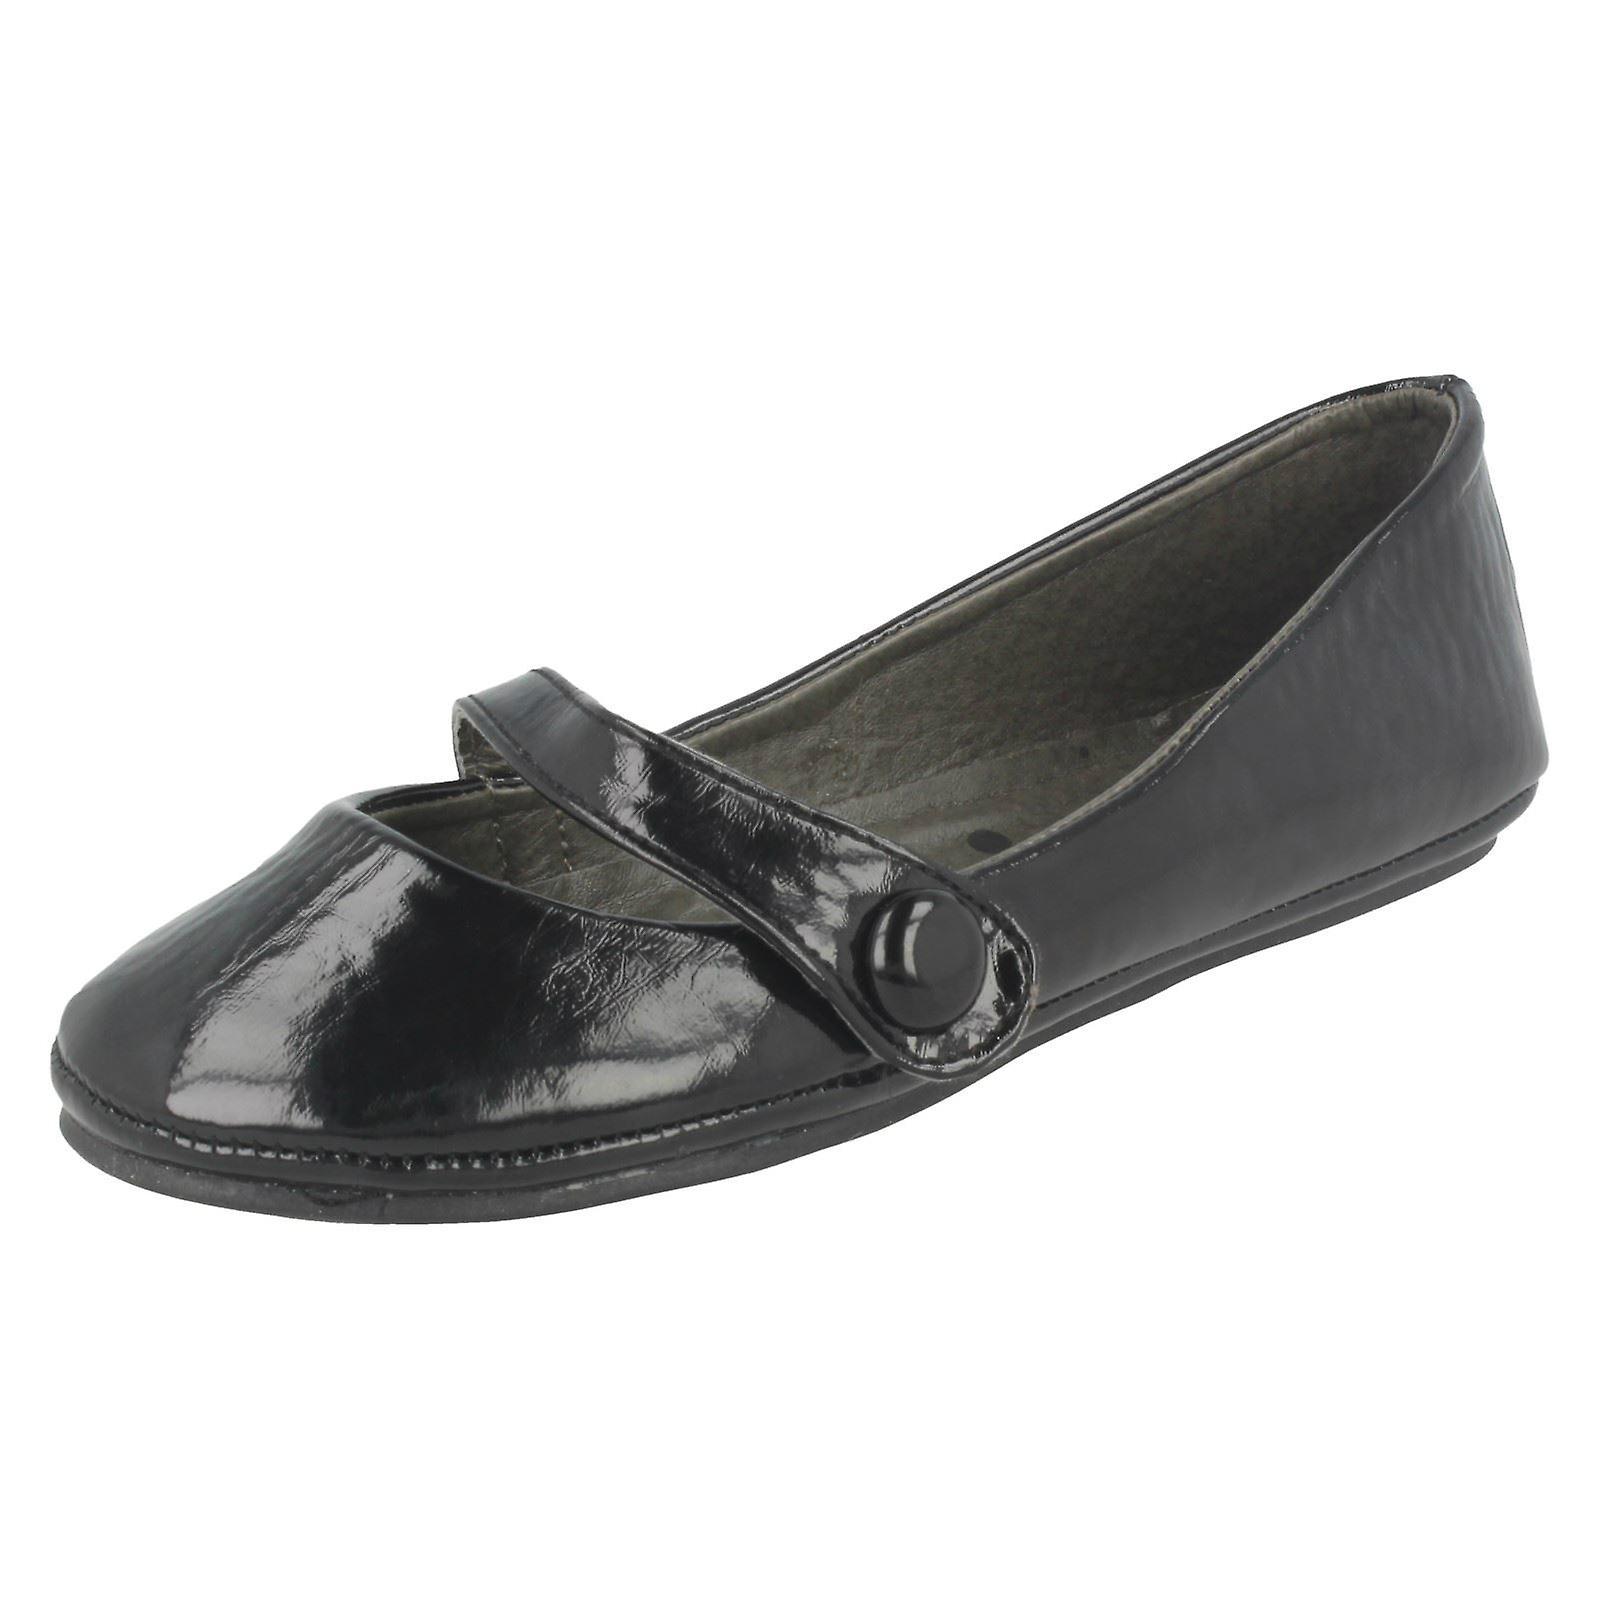 Ragazze Spot su ballerine piatte scarpe H2151 | Elegante e divertente  | Uomini/Donna Scarpa